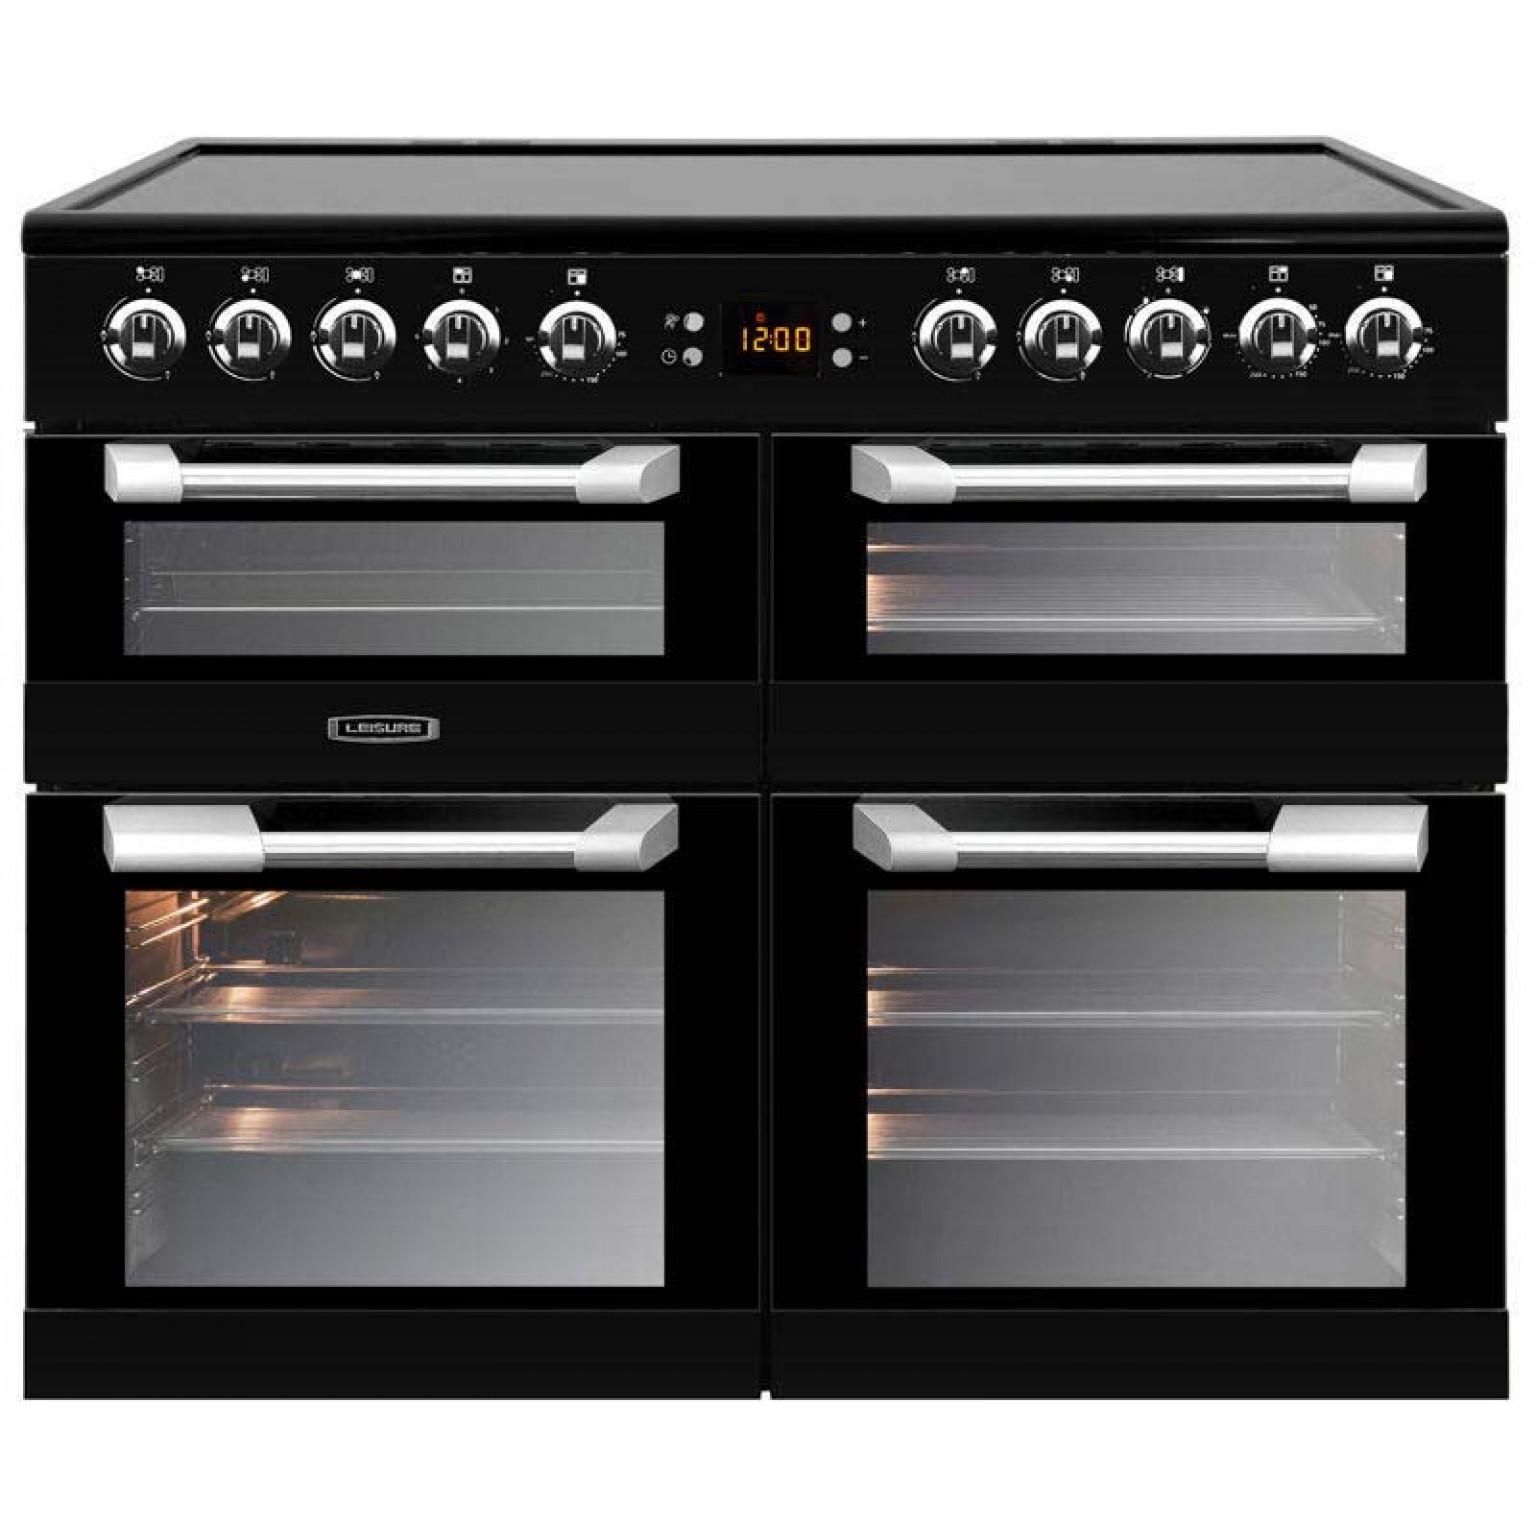 LEISURE 'Cuisinemaster' 100cm All Electric Range Cooker CS100C510K